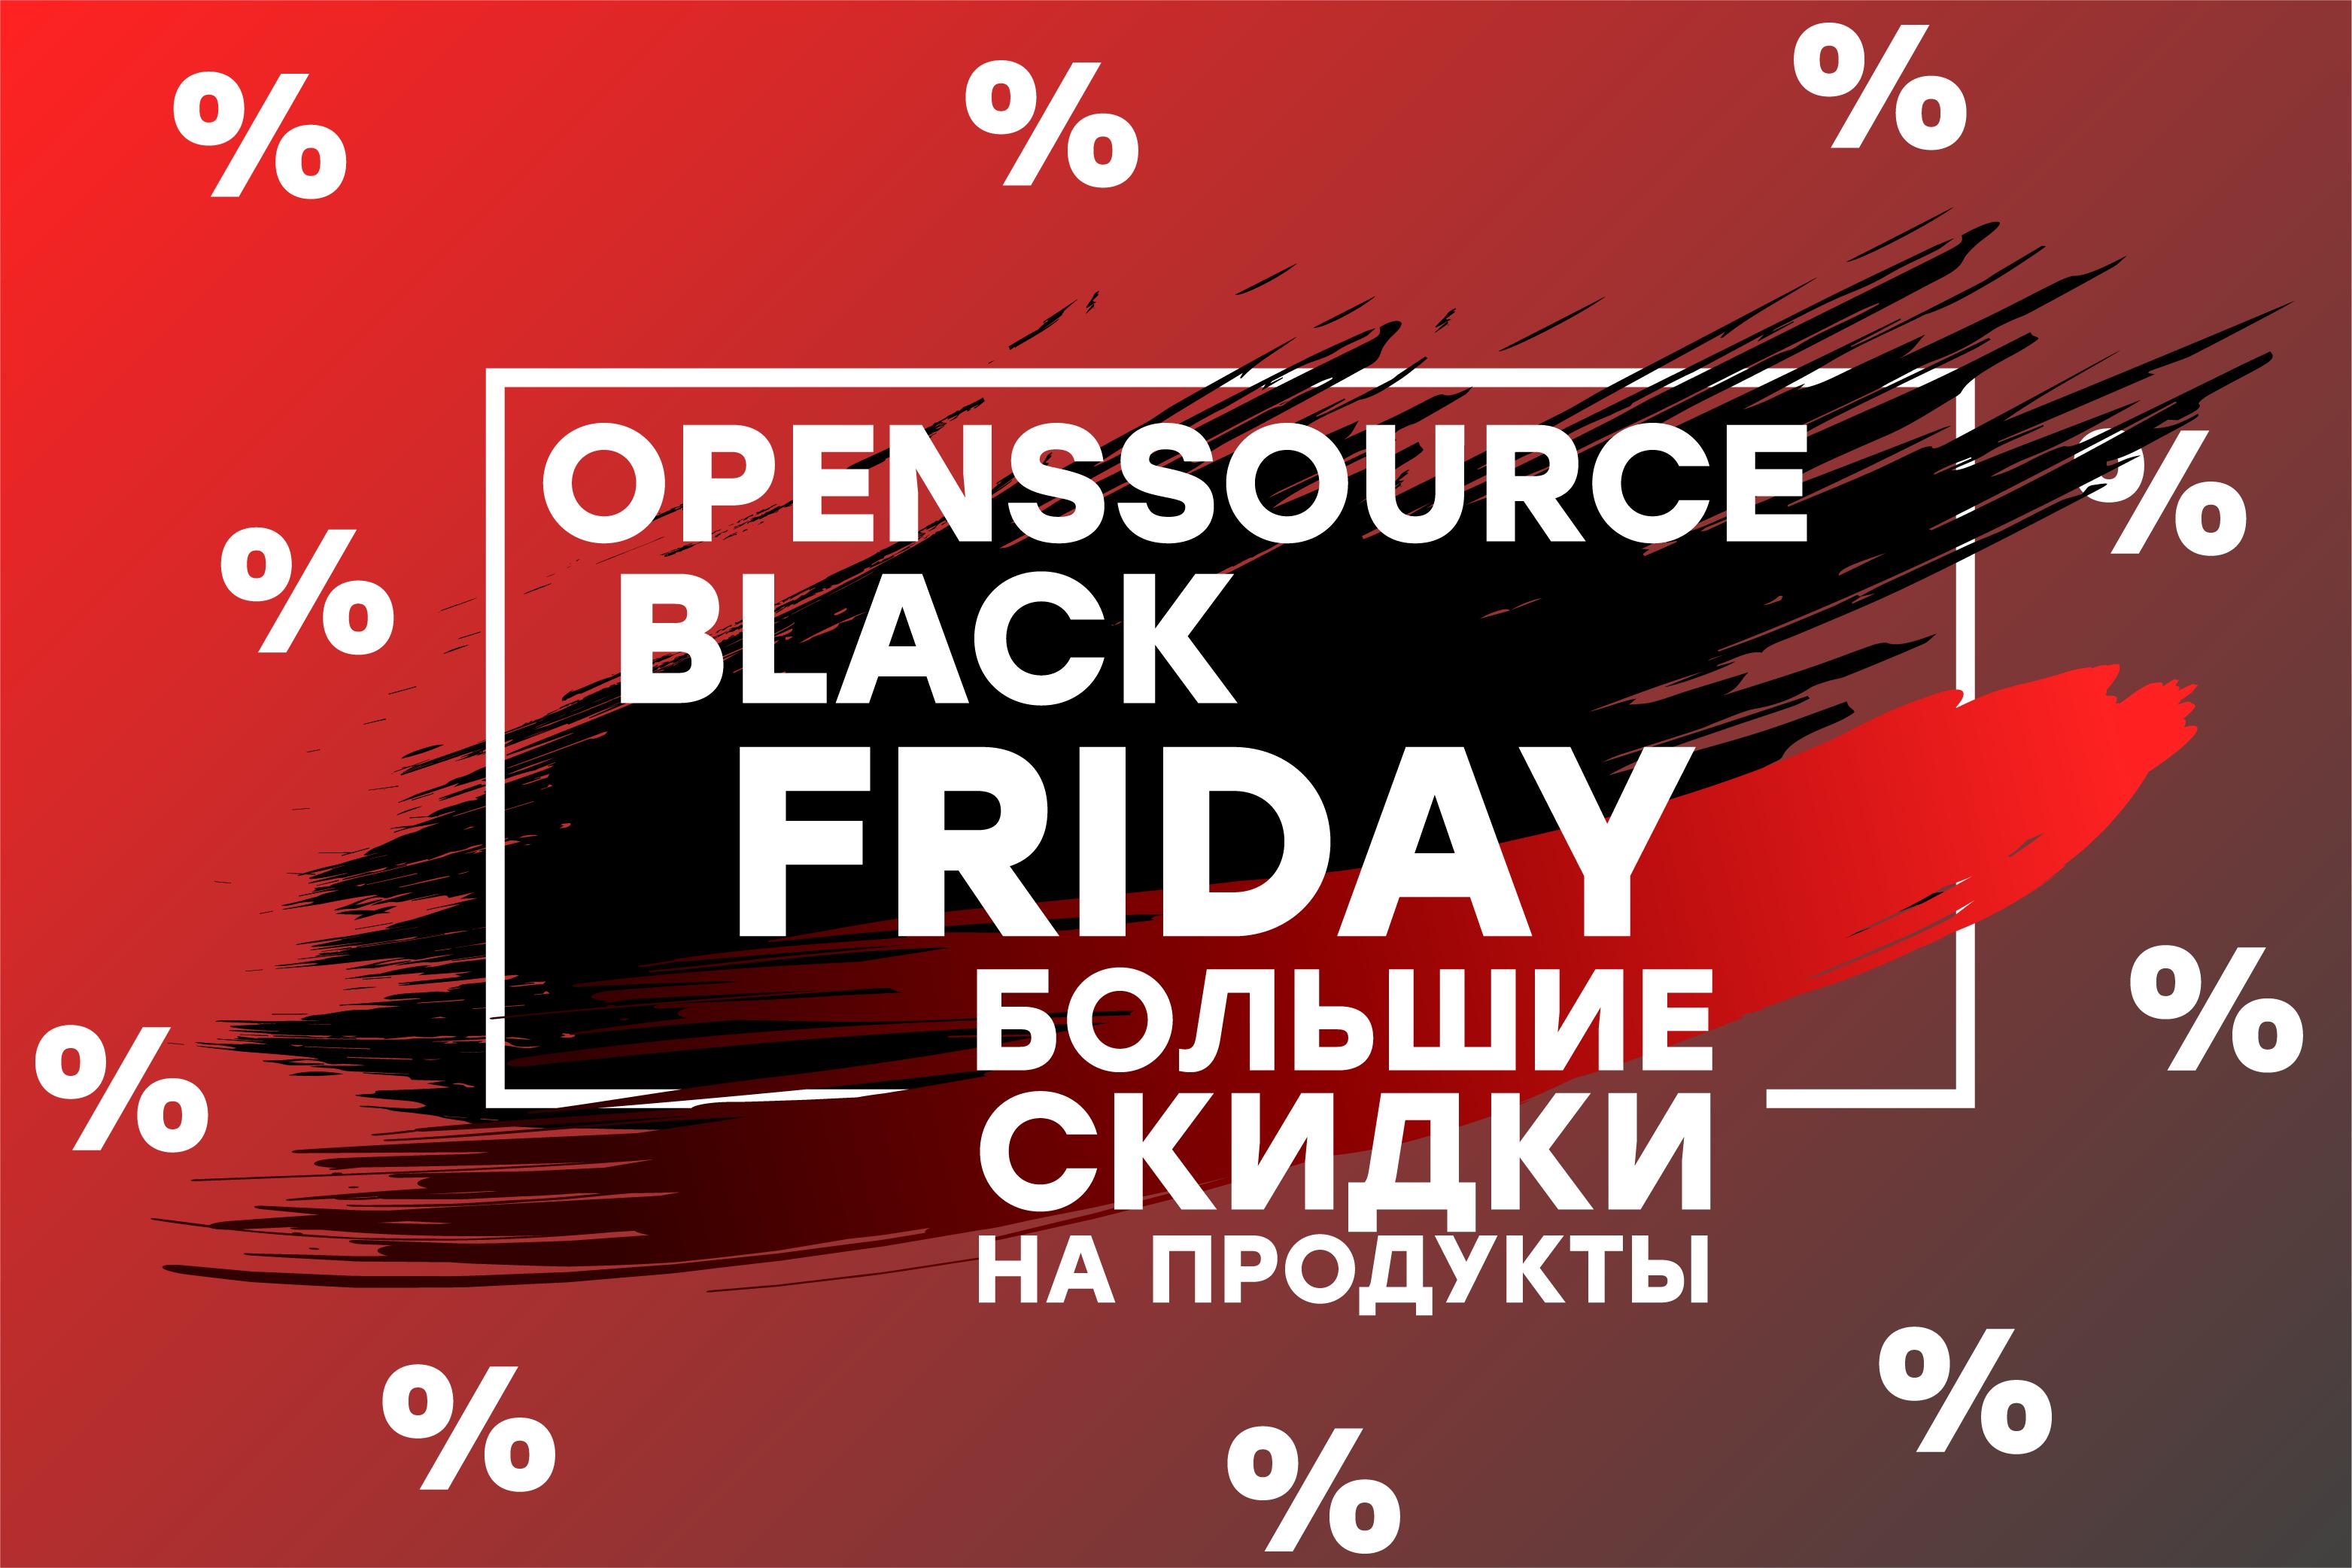 blackfridayos Black Friday на OPENSSOURCE. Большая скидка на продукты OPENSSOURCE в честь Черной Пятницы!